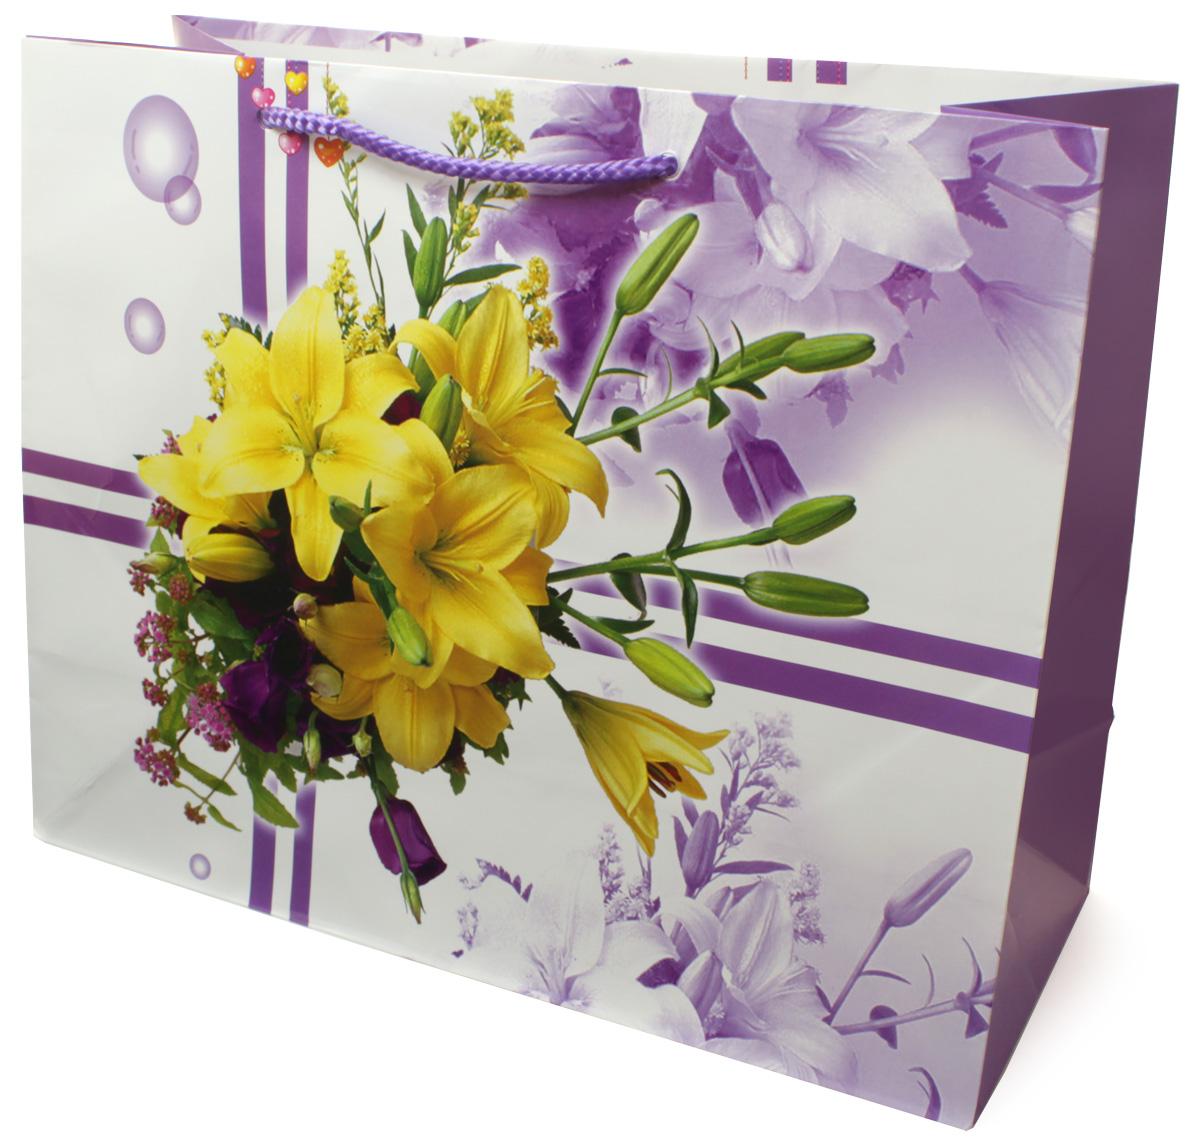 Пакет подарочный МегаМАГ Цветы, 32,7 х 26,4 х 13,6 см. 813 LHБумага23Подарочный пакет МегаМАГ, изготовленный из плотной ламинированной бумаги, станет незаменимым дополнением к выбранному подарку. Для удобной переноски на пакете имеются ручки-шнурки.Подарок, преподнесенный в оригинальной упаковке, всегда будет самым эффектным и запоминающимся. Окружите близких людей вниманием и заботой, вручив презент в нарядном, праздничном оформлении.